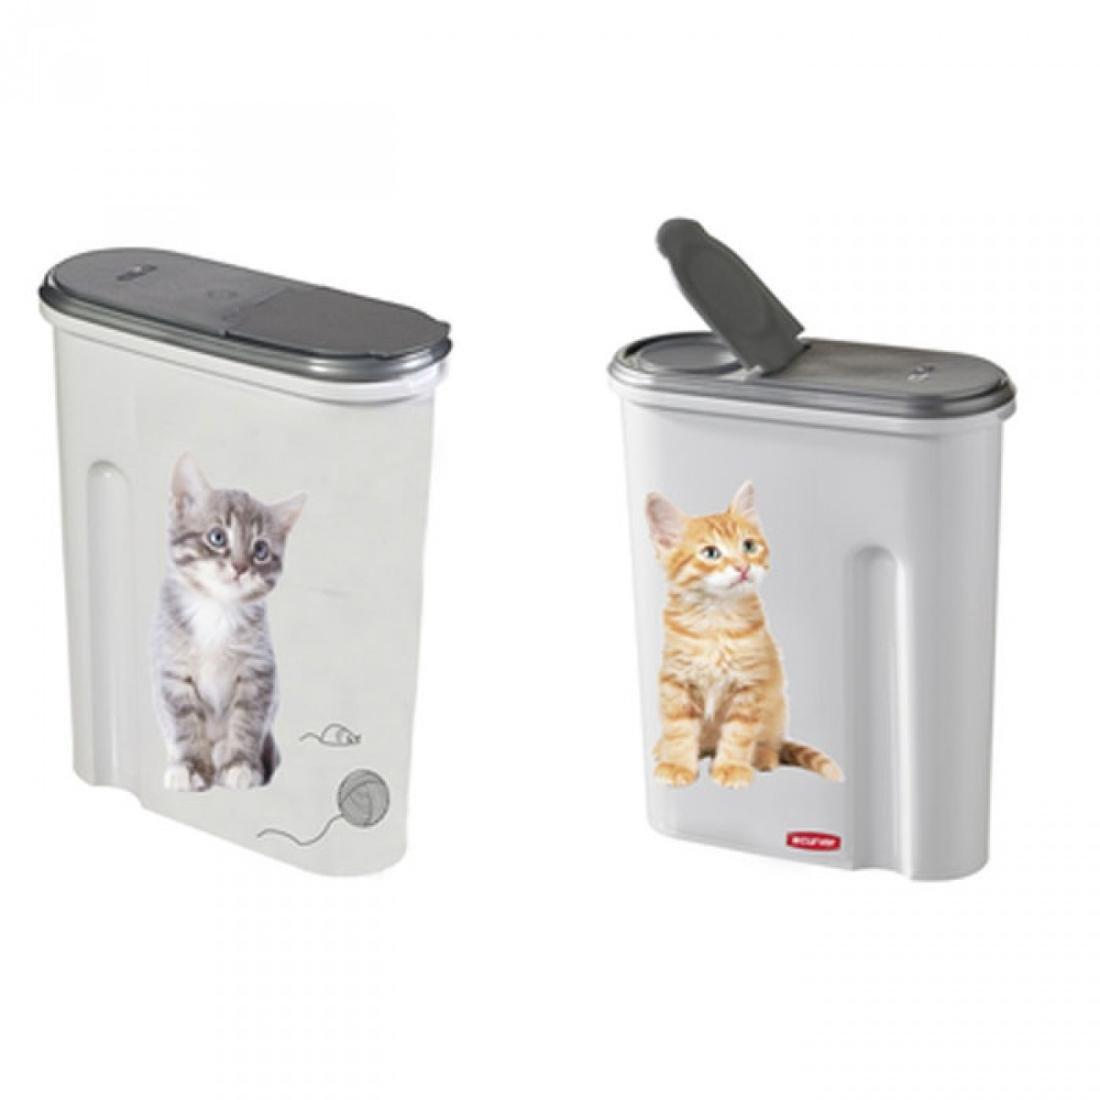 Sucha karma dla psa i kota. Jak ją dobrze przechowywać